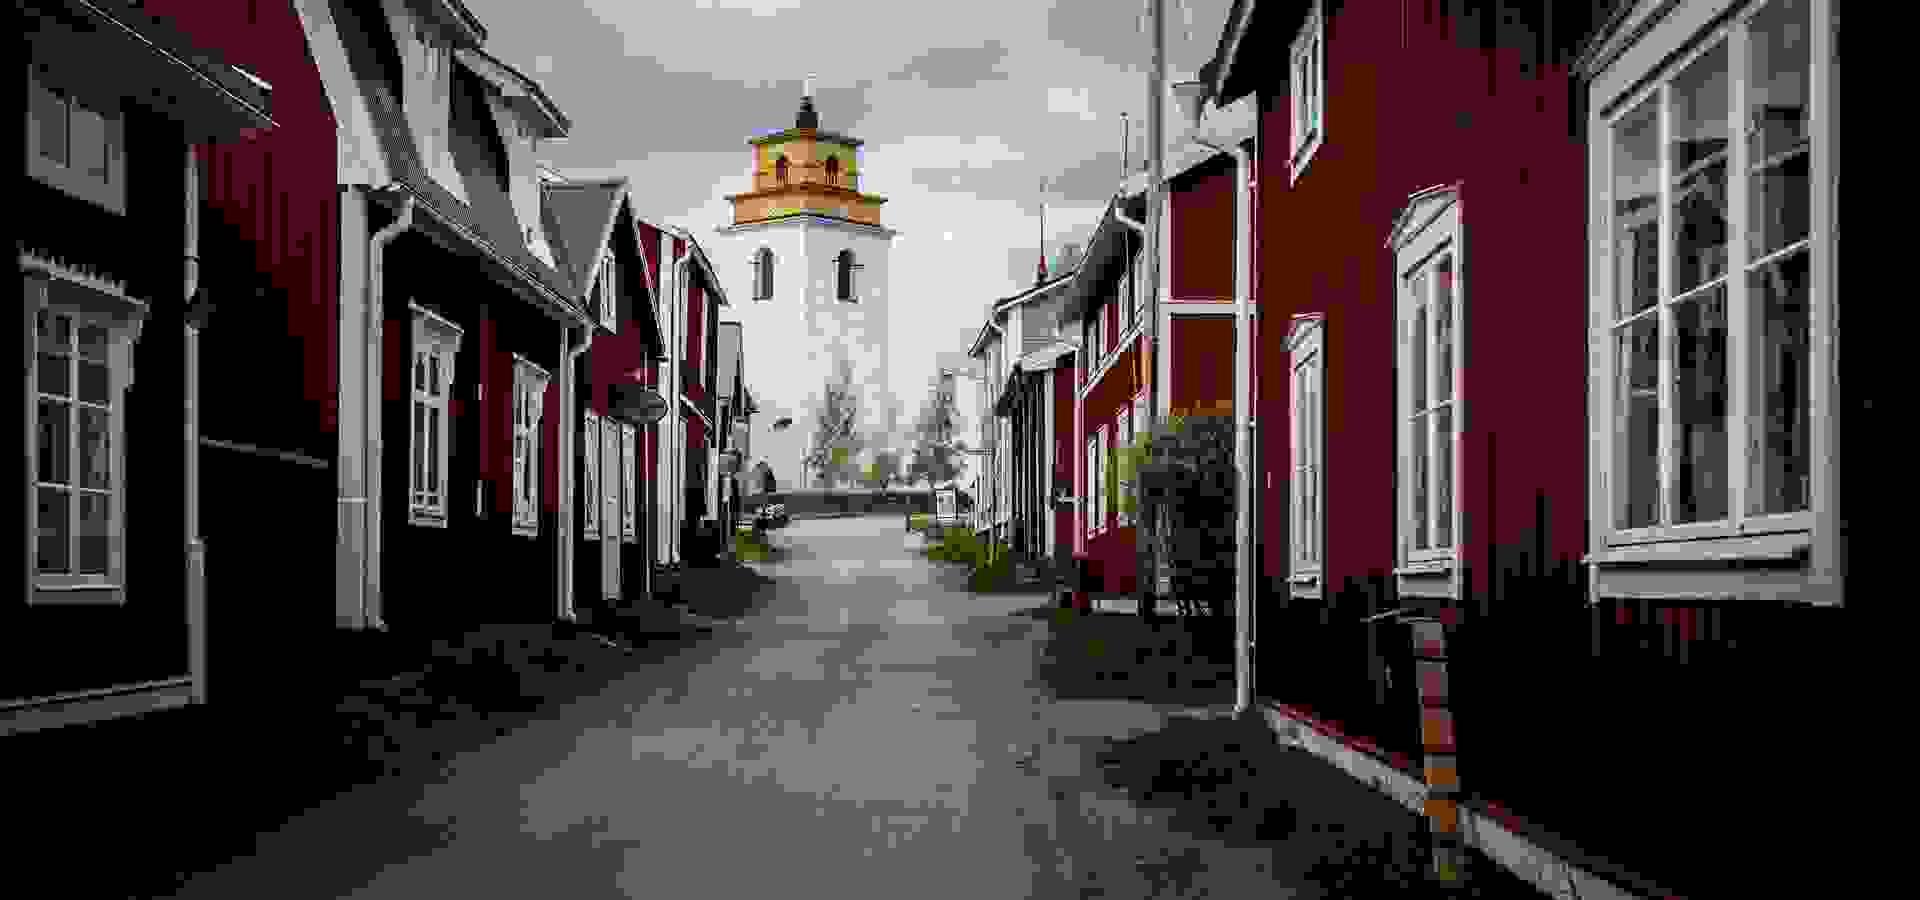 gammelstad, ted logart, 1920 x 1080